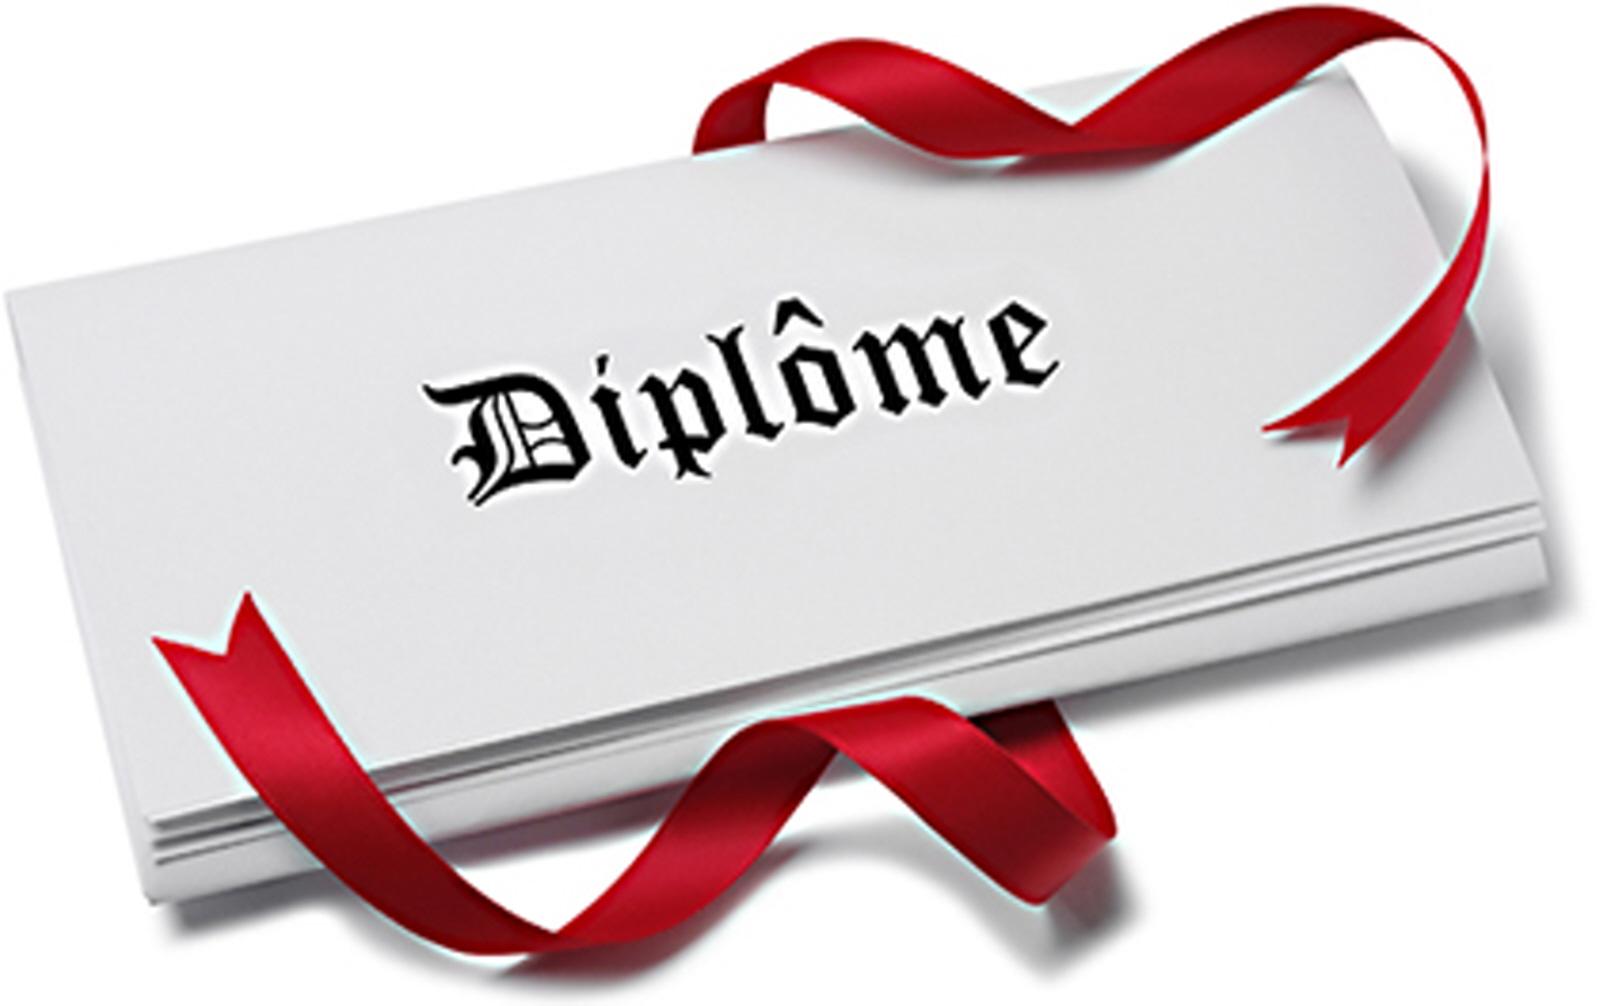 El diploma 100% padel